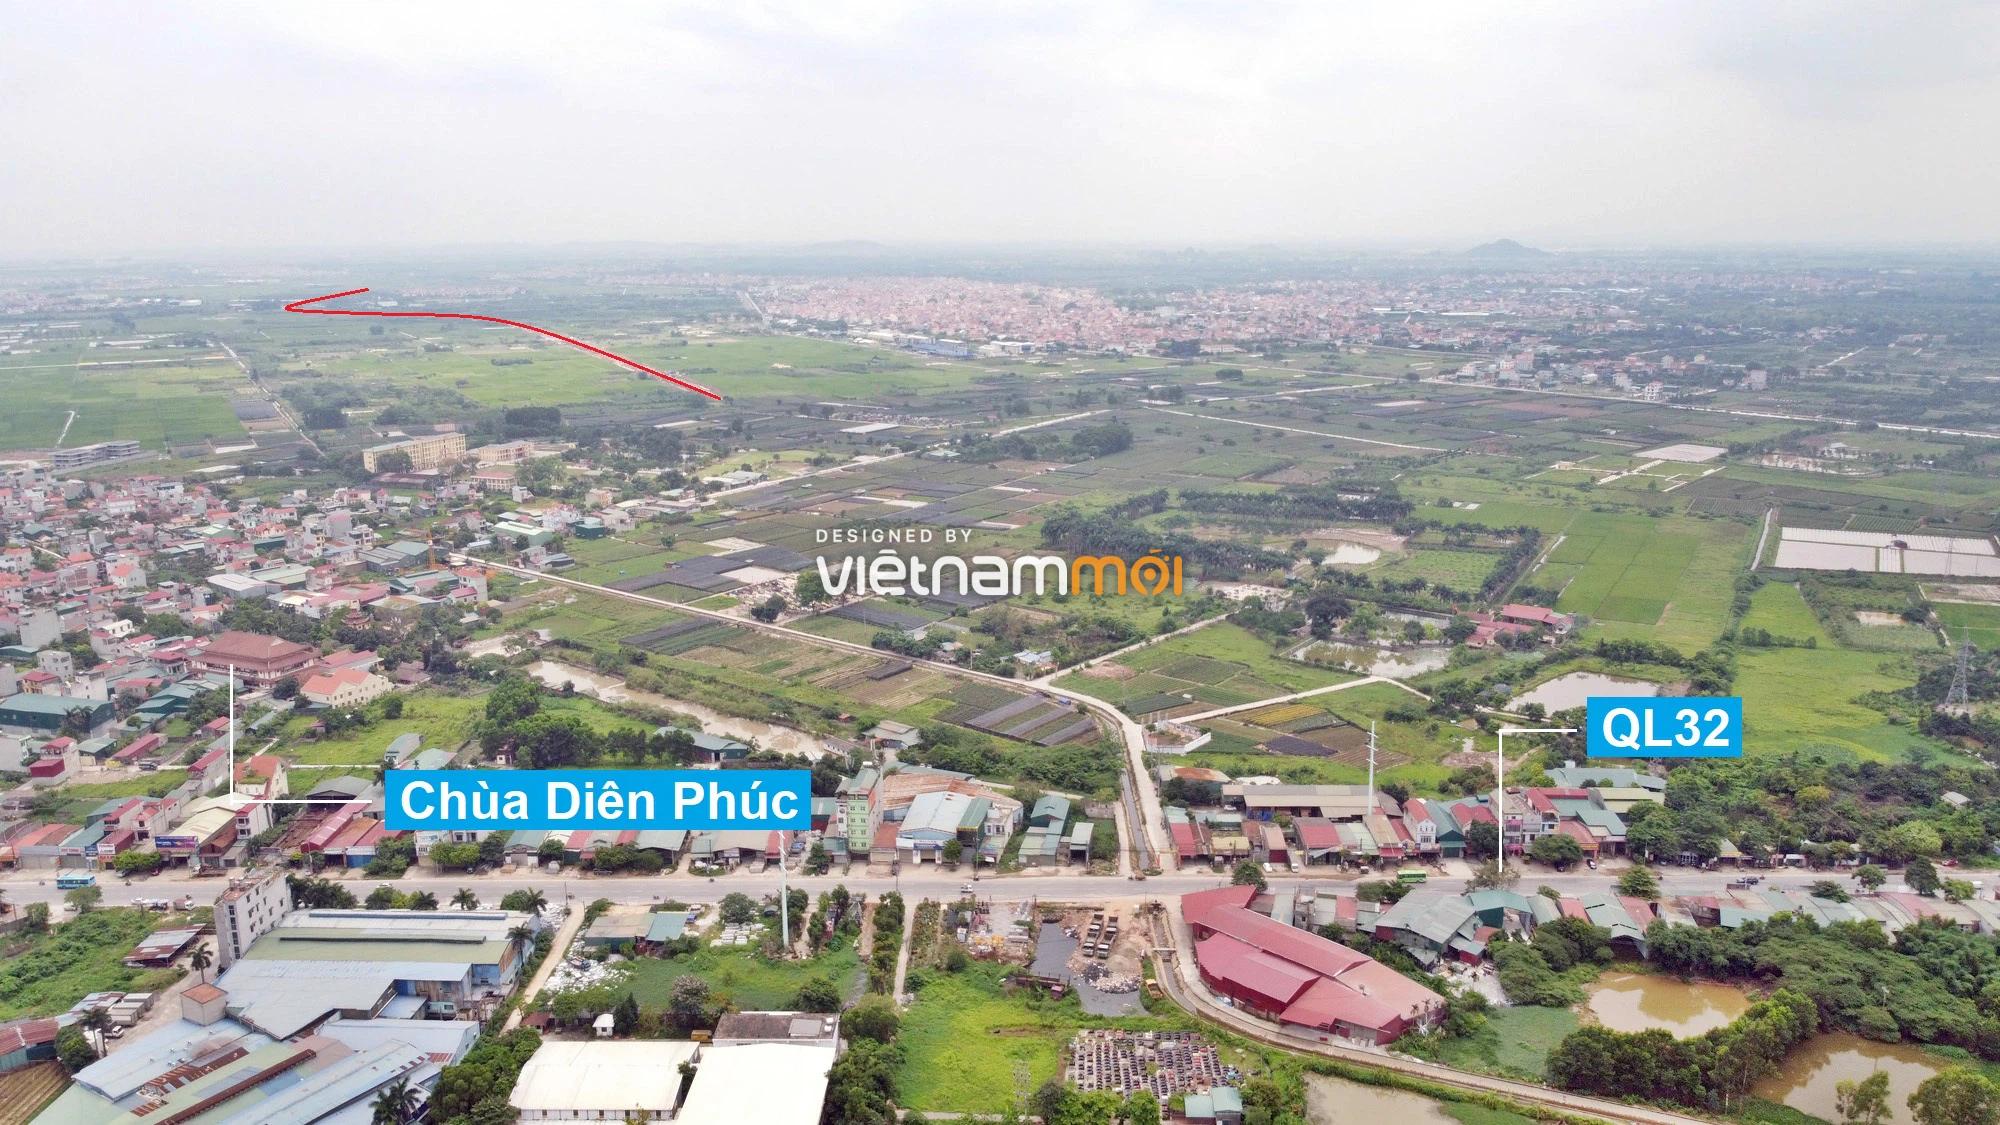 Toàn cảnh đường Liên khu vực 1 từ Đức Thượng đến Song Phương đang mở theo quy hoạch ở Hà Nội - Ảnh 1.